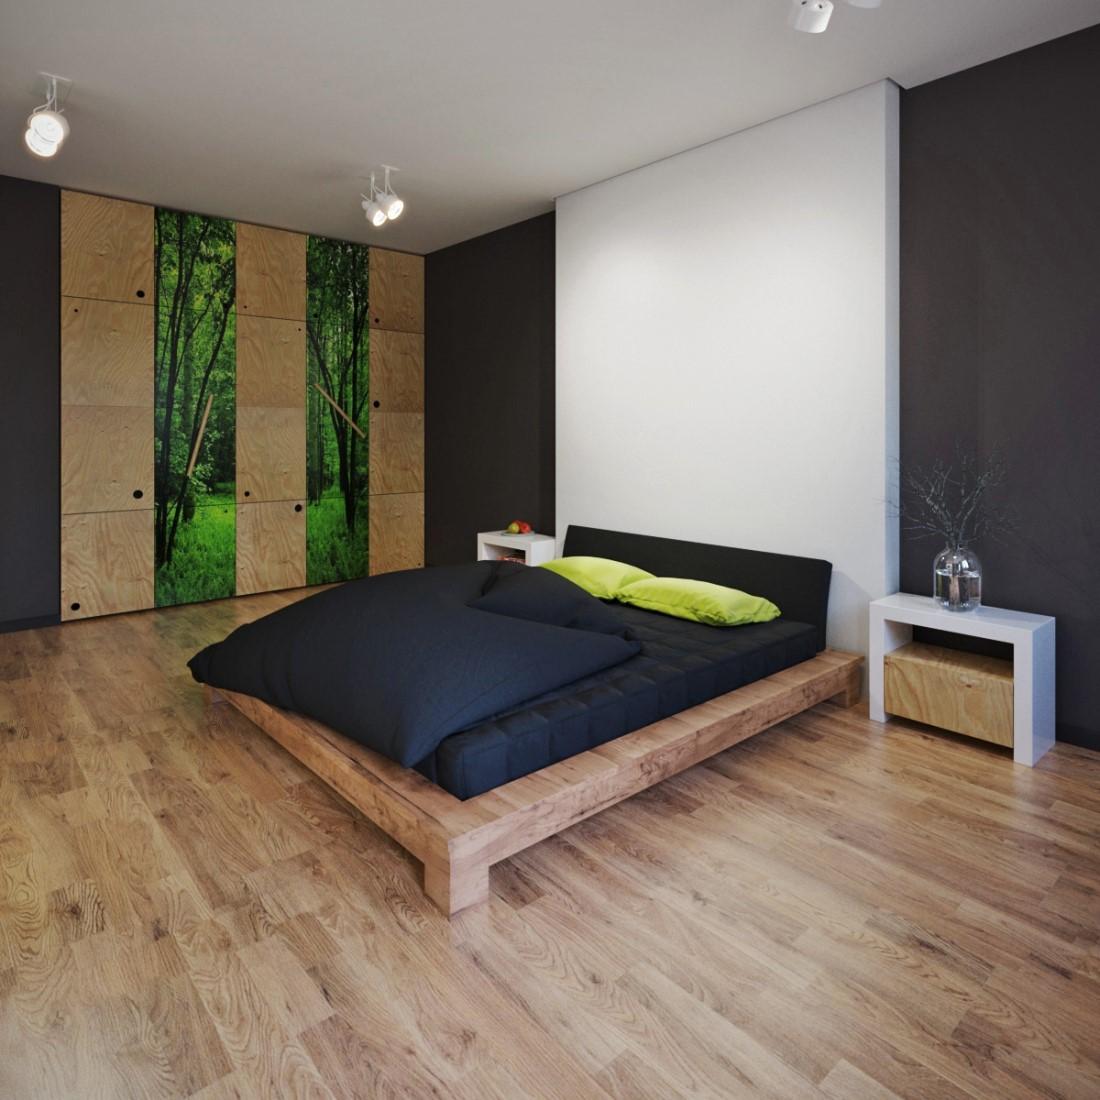 Спальня 12 кв м в стиле эко